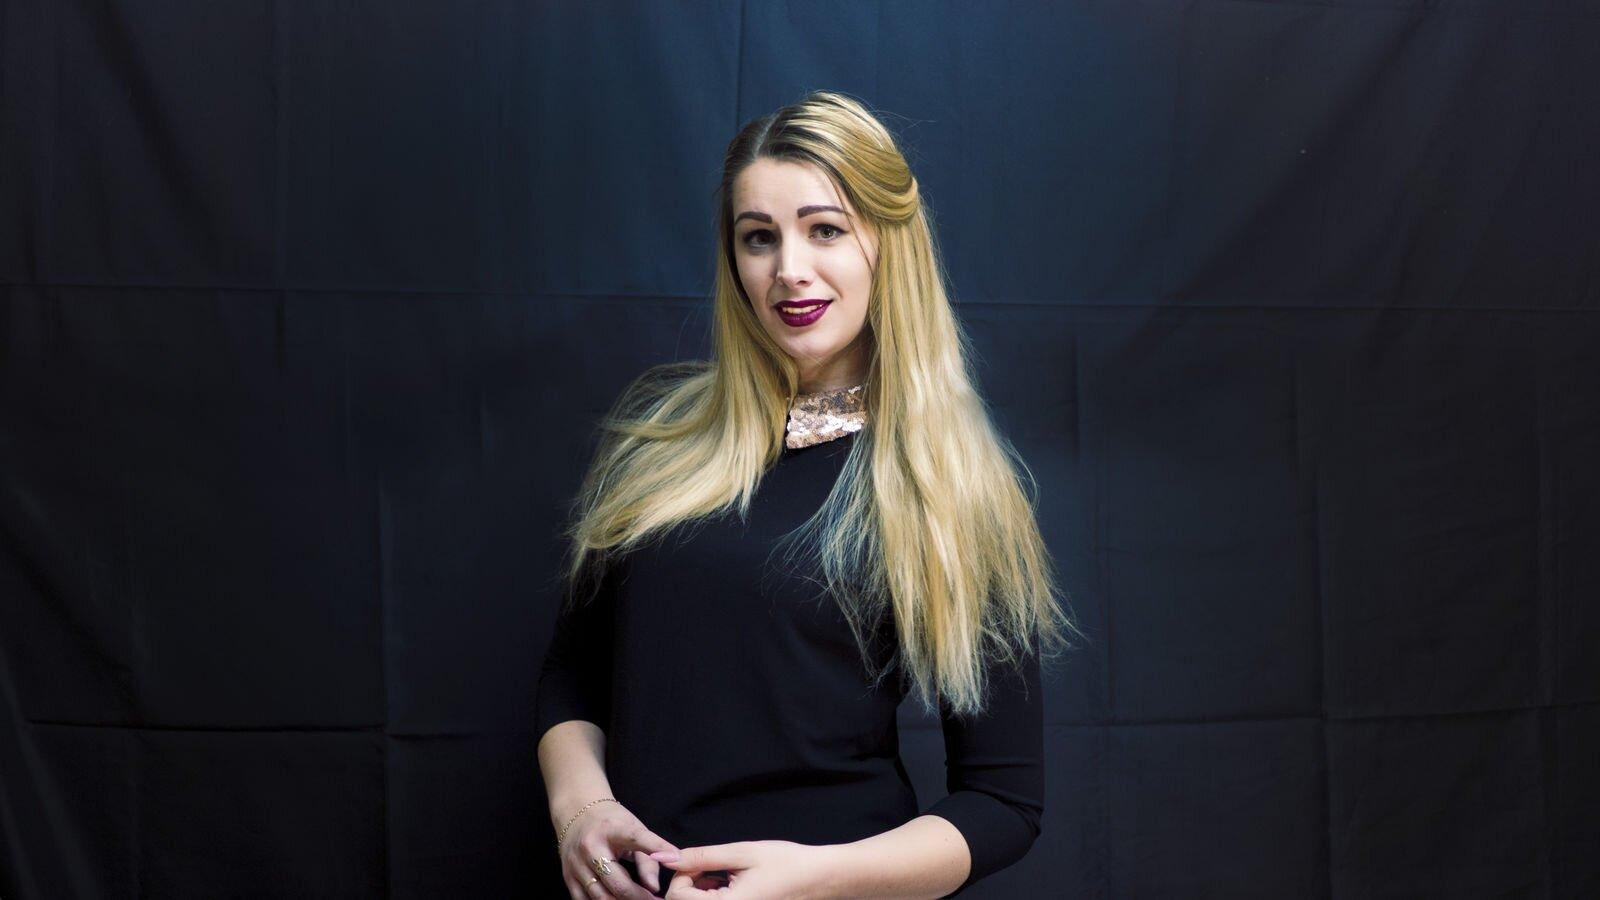 VictoriaLine